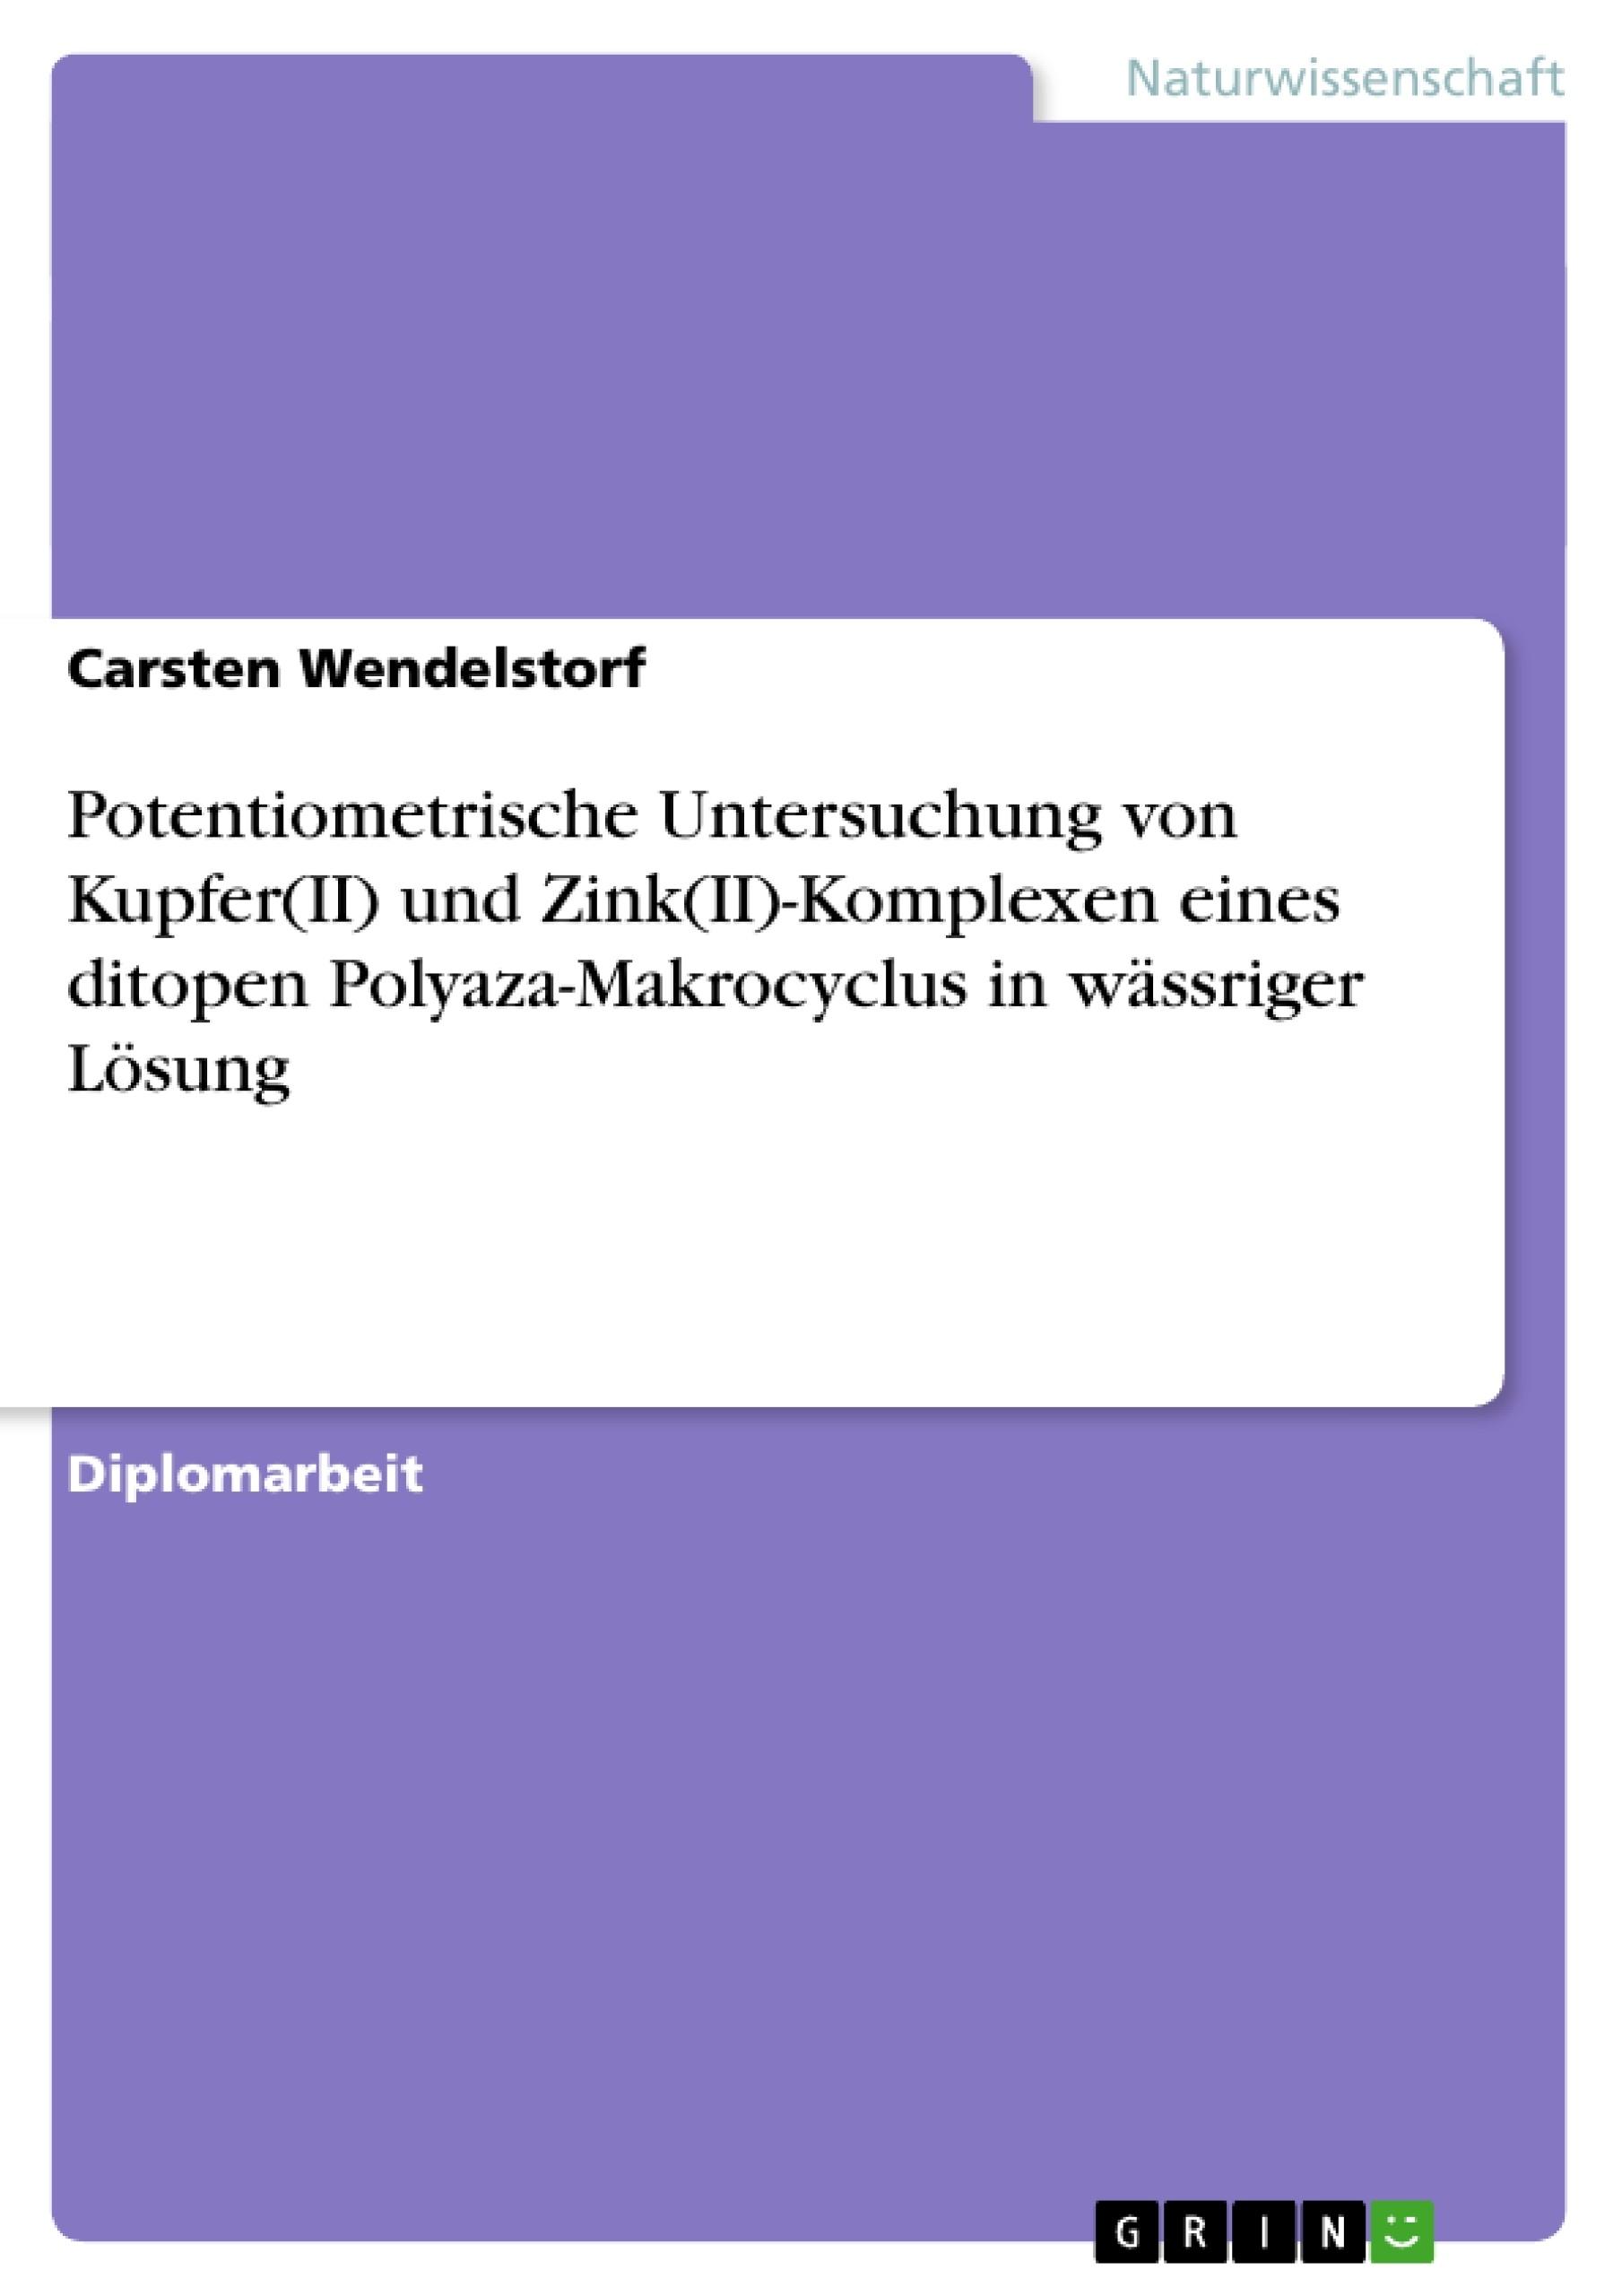 Titel: Potentiometrische Untersuchung von Kupfer(II) und Zink(II)-Komplexen eines ditopen Polyaza-Makrocyclus in wässriger Lösung